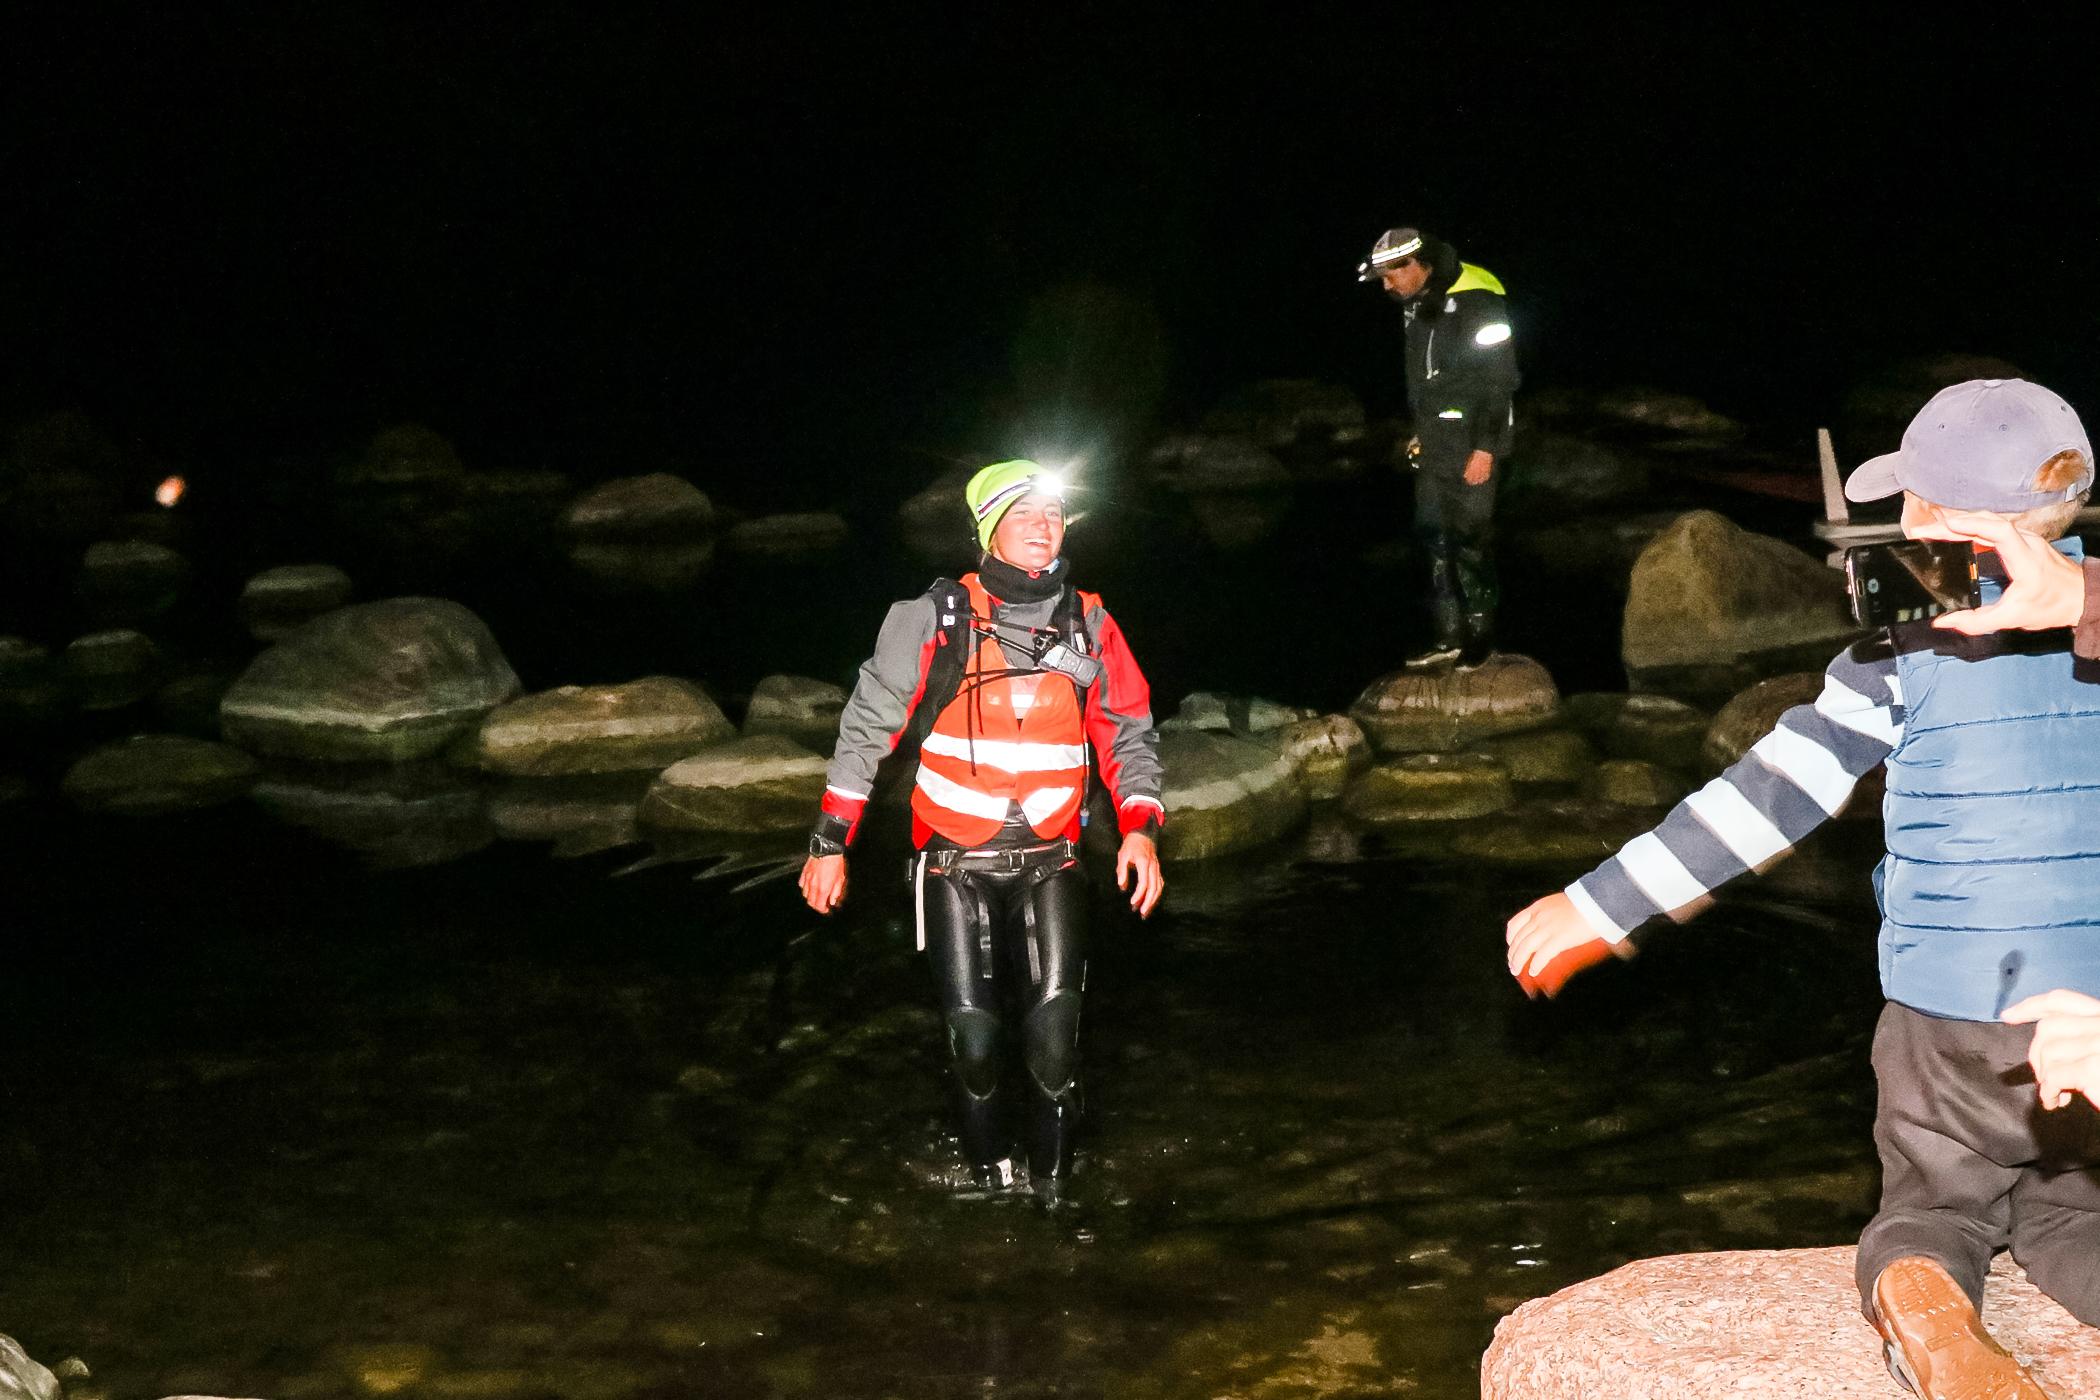 Eile varahommikul alustas surfar Ingrid Puusta Mõntu sadamast teekonda üle Läänemere sihiga jõuda Gotlandi saare lähistele. Paraku pidi surfar Sääre majaka juurest tagasi pöörduma, kuna teda saatnud paadil ilmnes tehniline […]